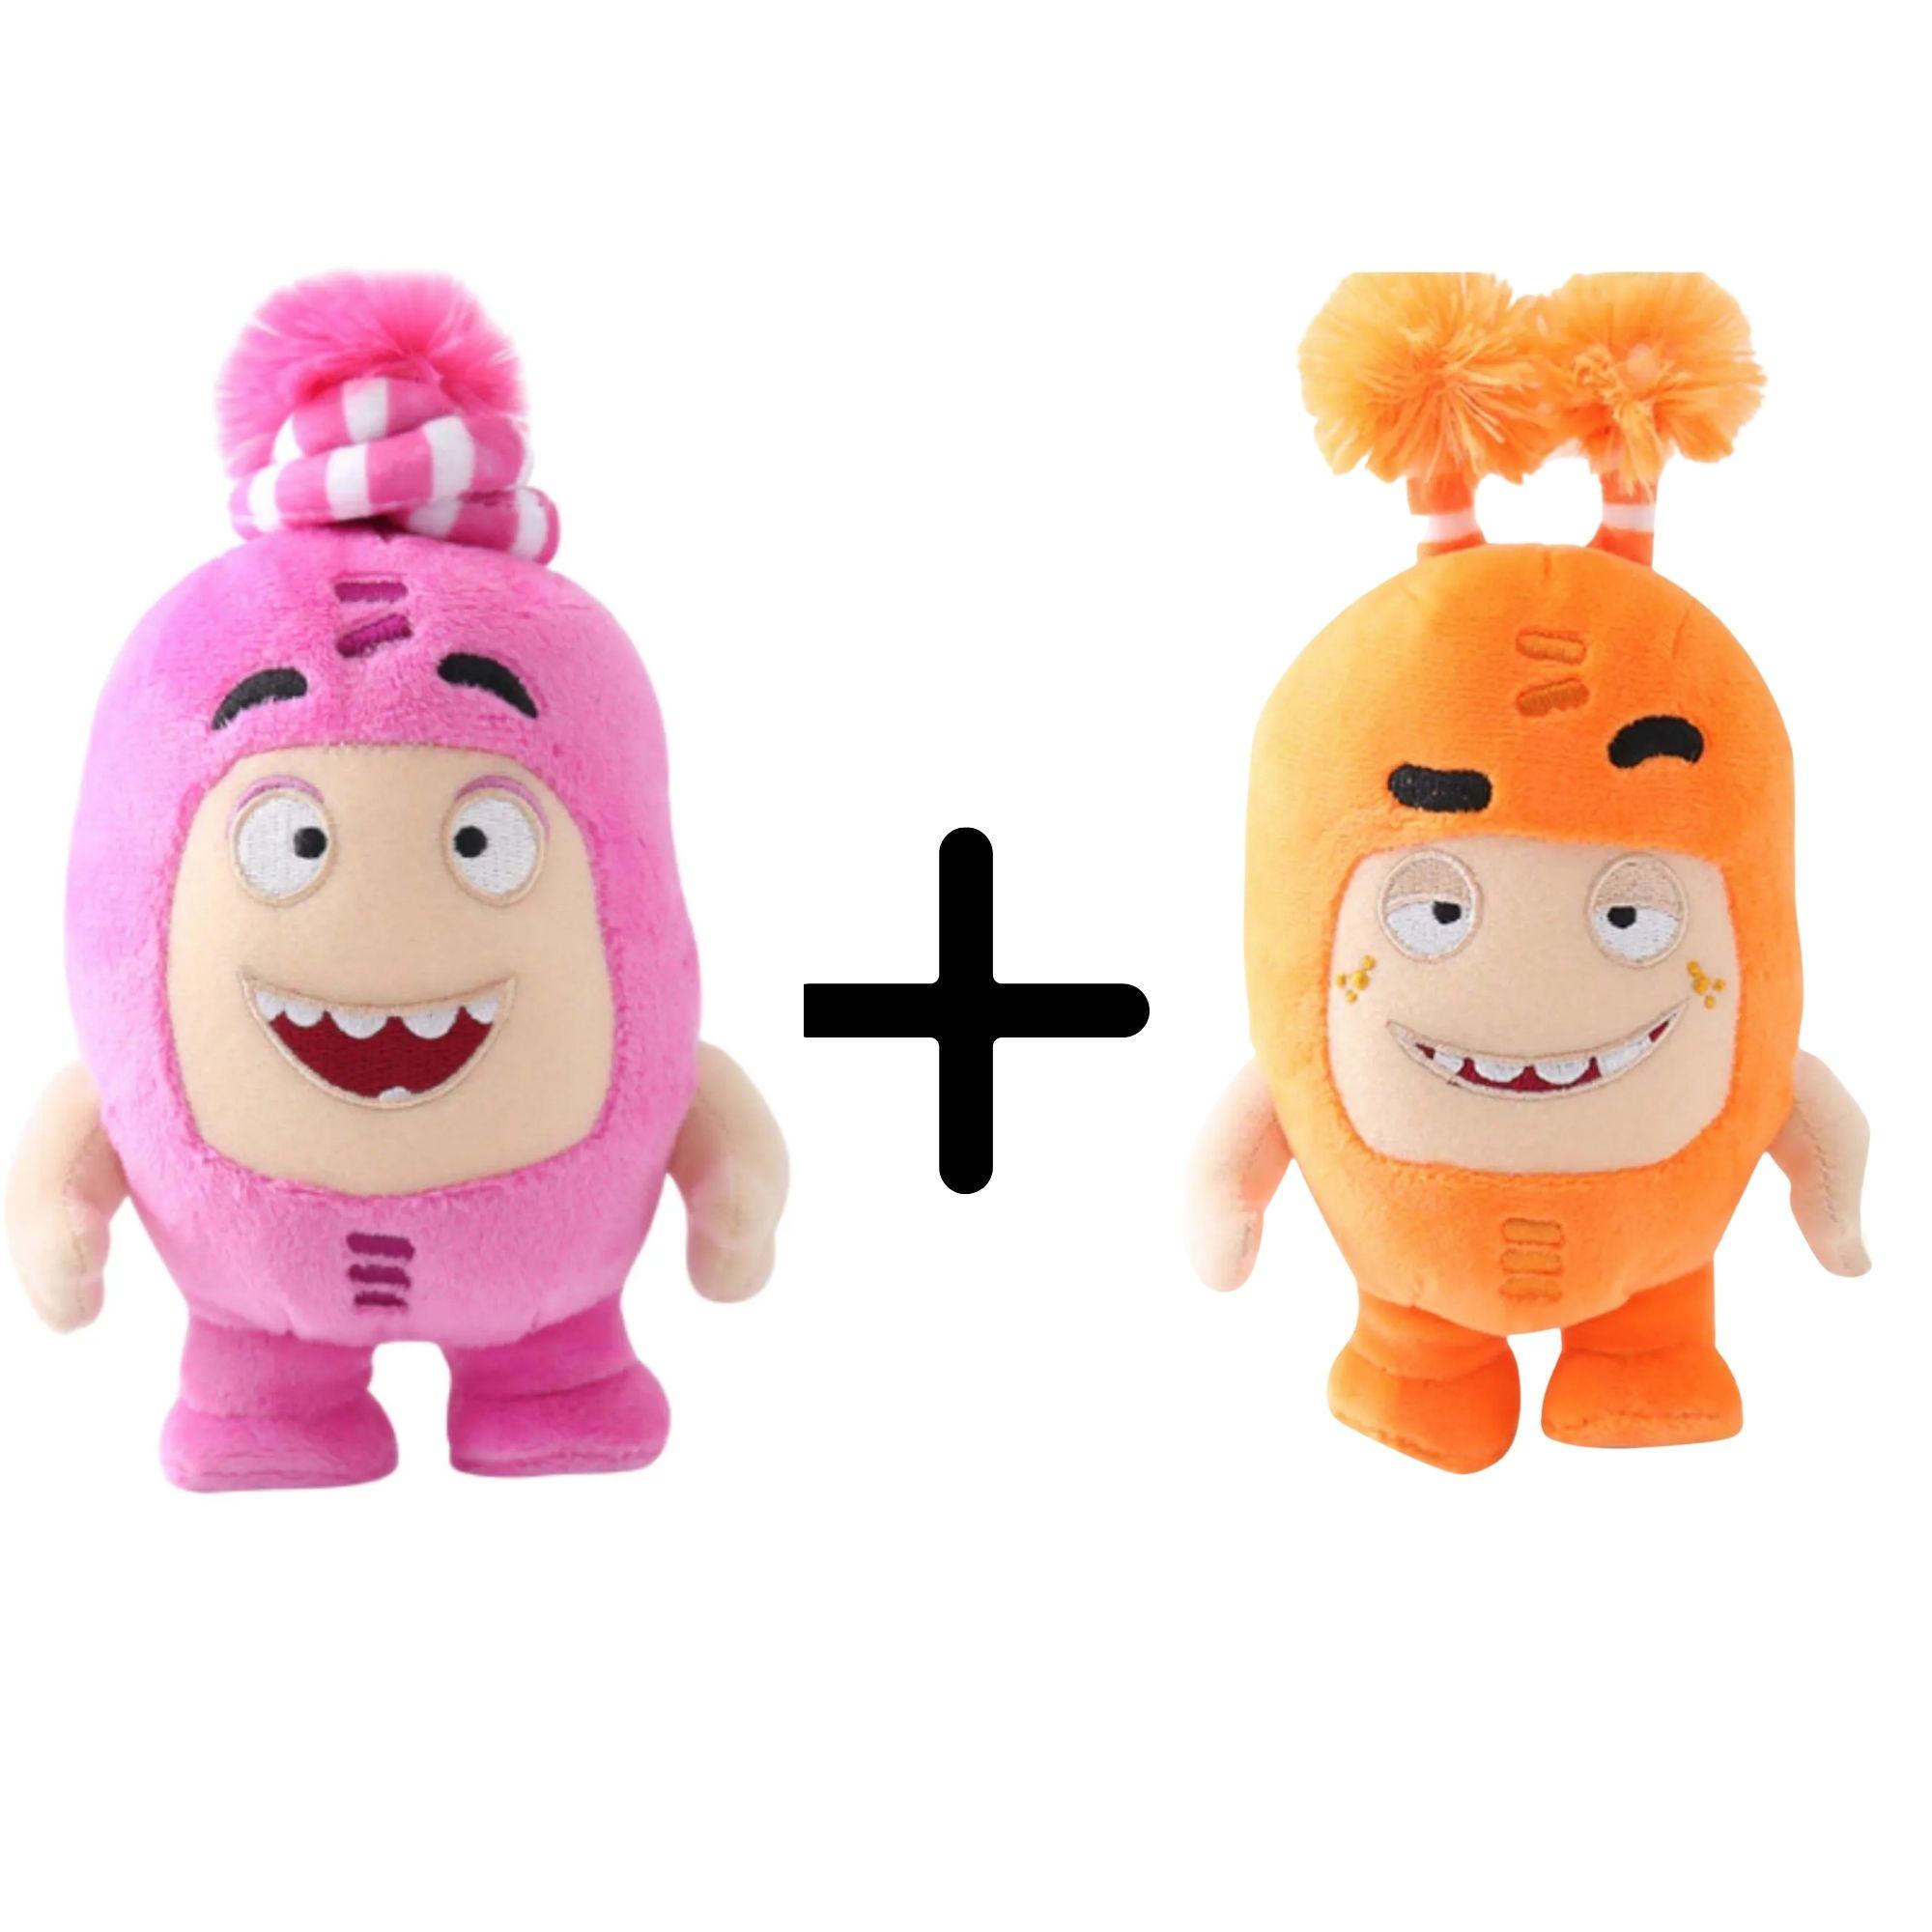 Kit com 2 Bonecos de Pelúcia Oddbods - 1 Laranja e 1 Rosa  - Game Land Brinquedos